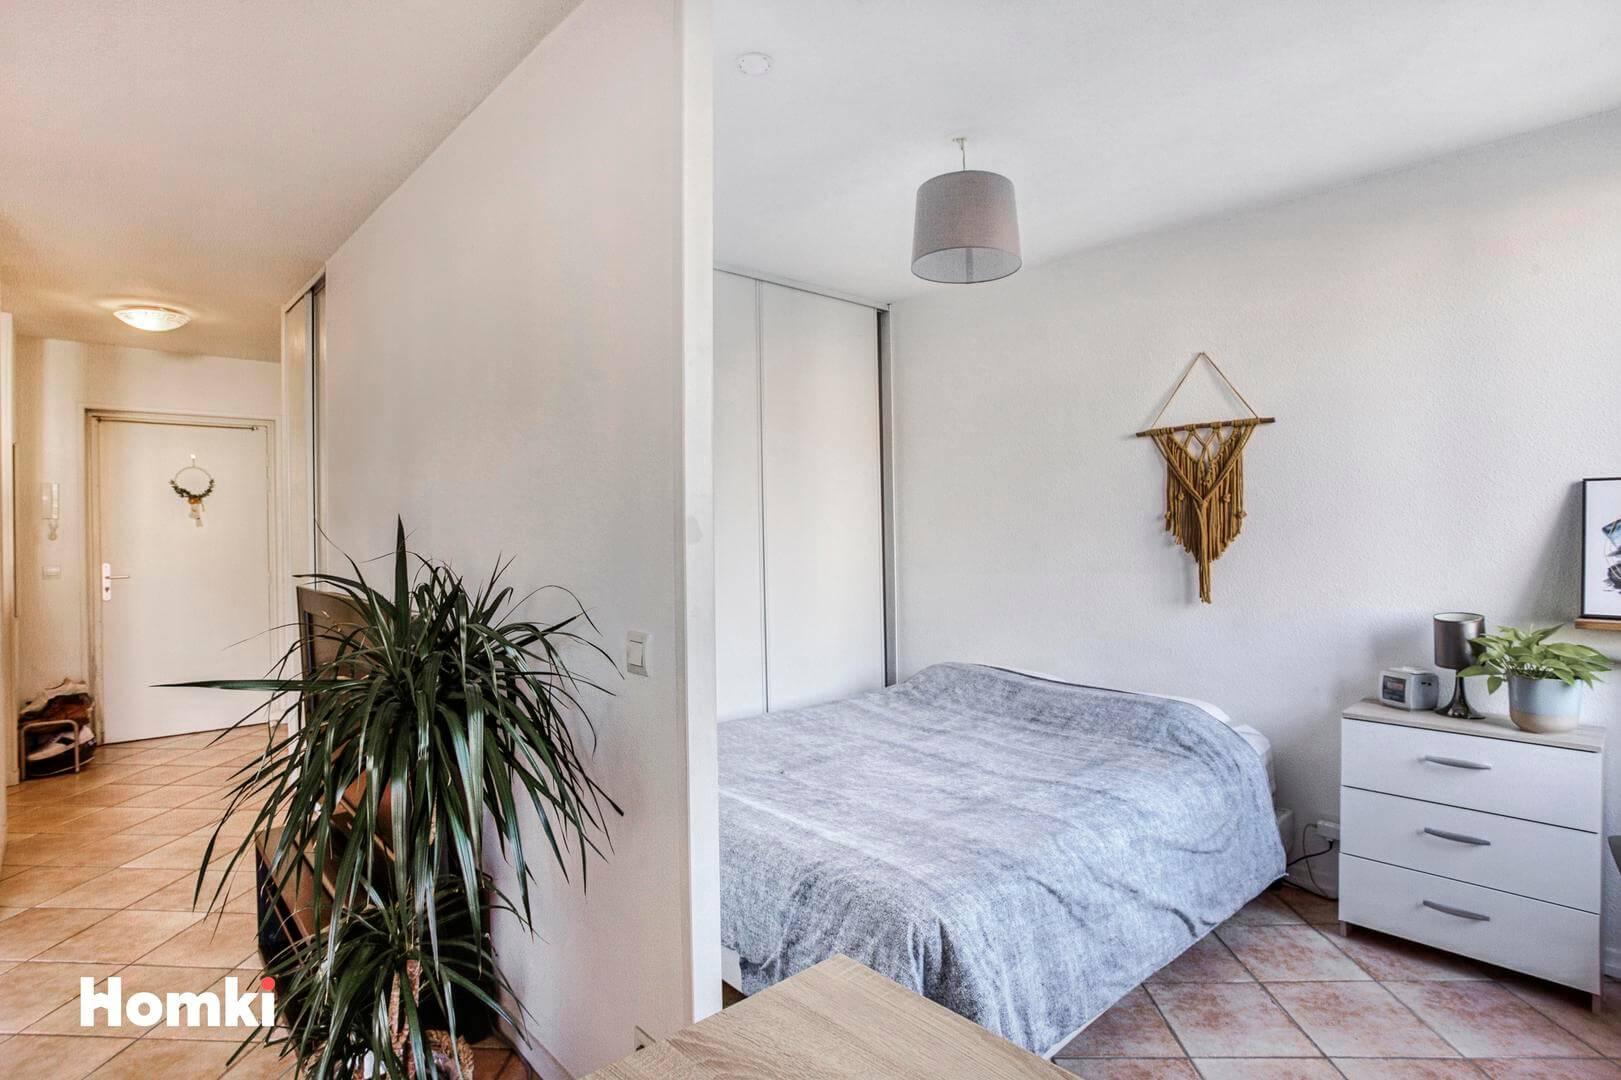 Homki - Vente Appartement  de 39.0 m² à Grenoble 38100